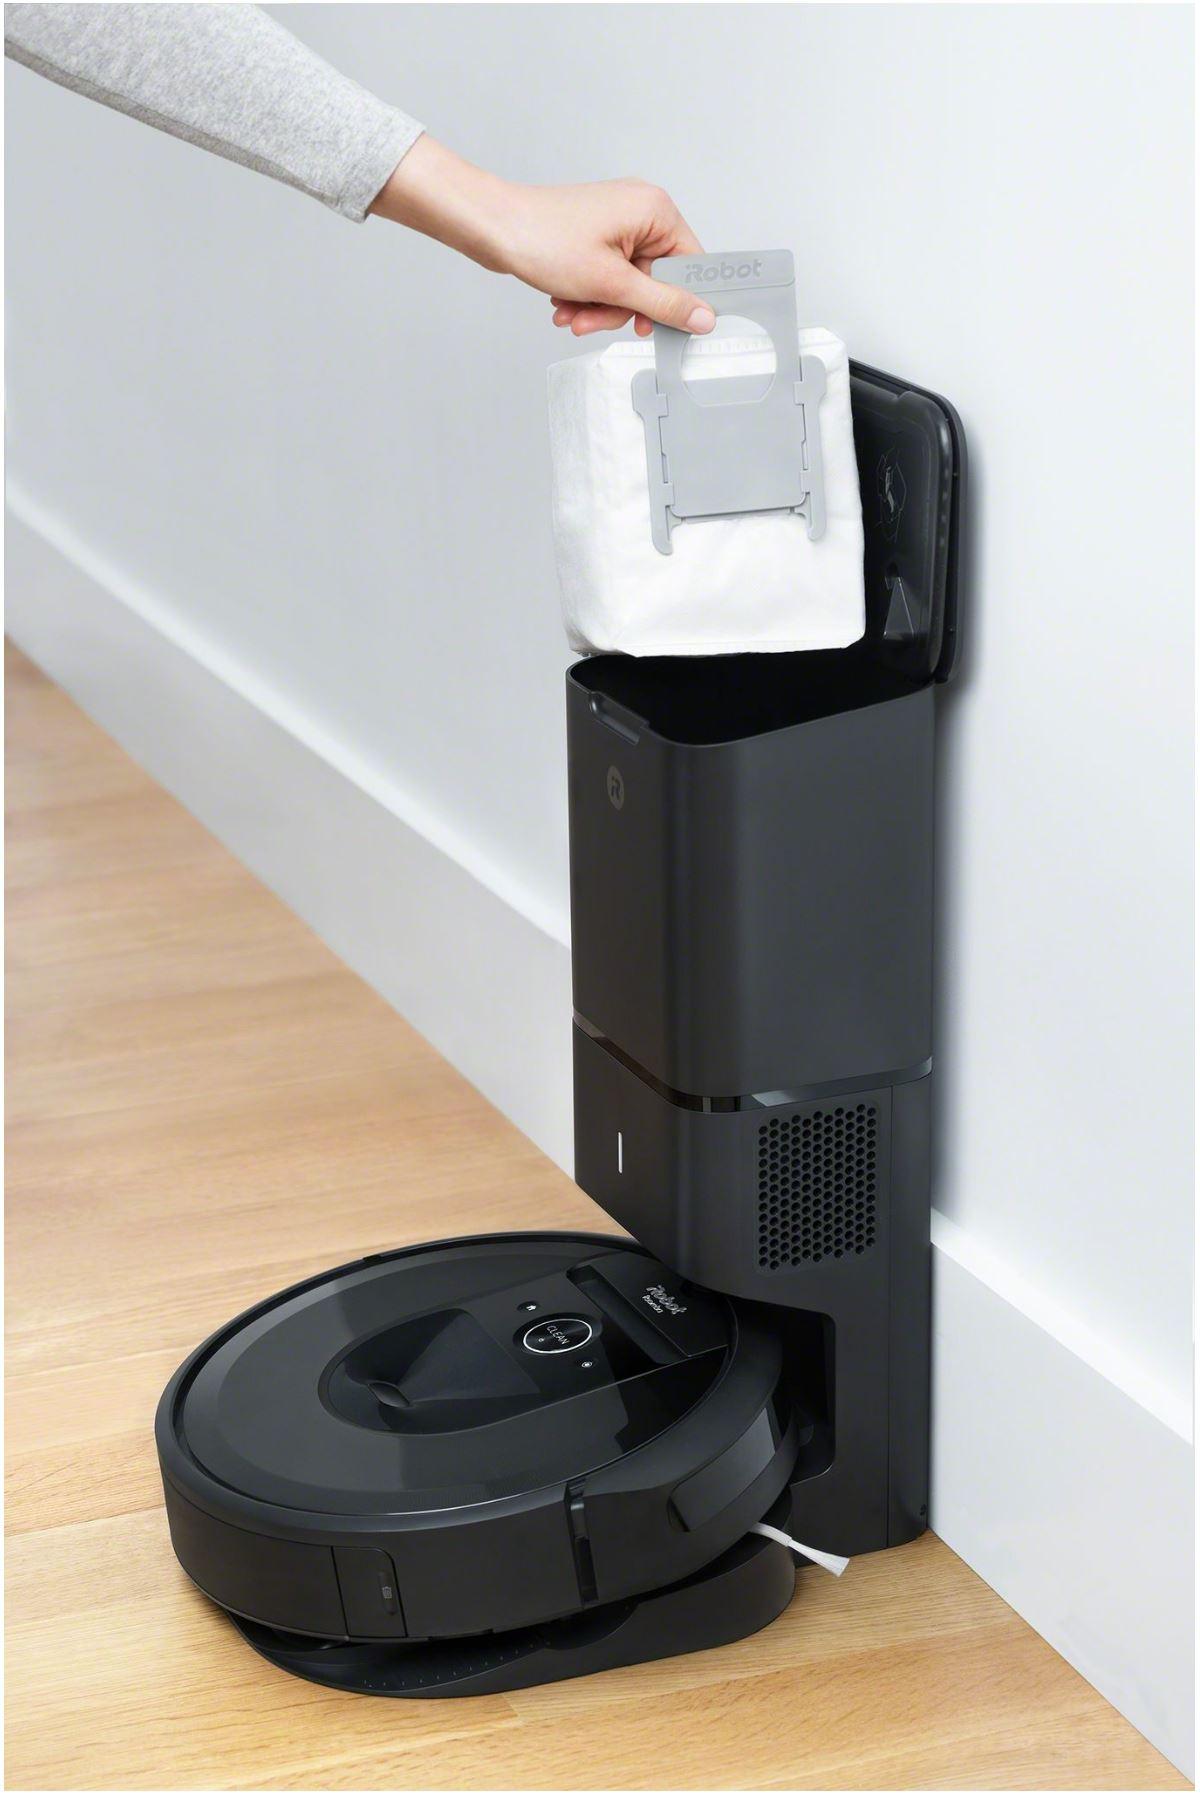 Najpopularniejsze roboty sprzątające - TOP 10 - iRobot Roomba i7 - stacja na kurz - iRobot Roomba i7+